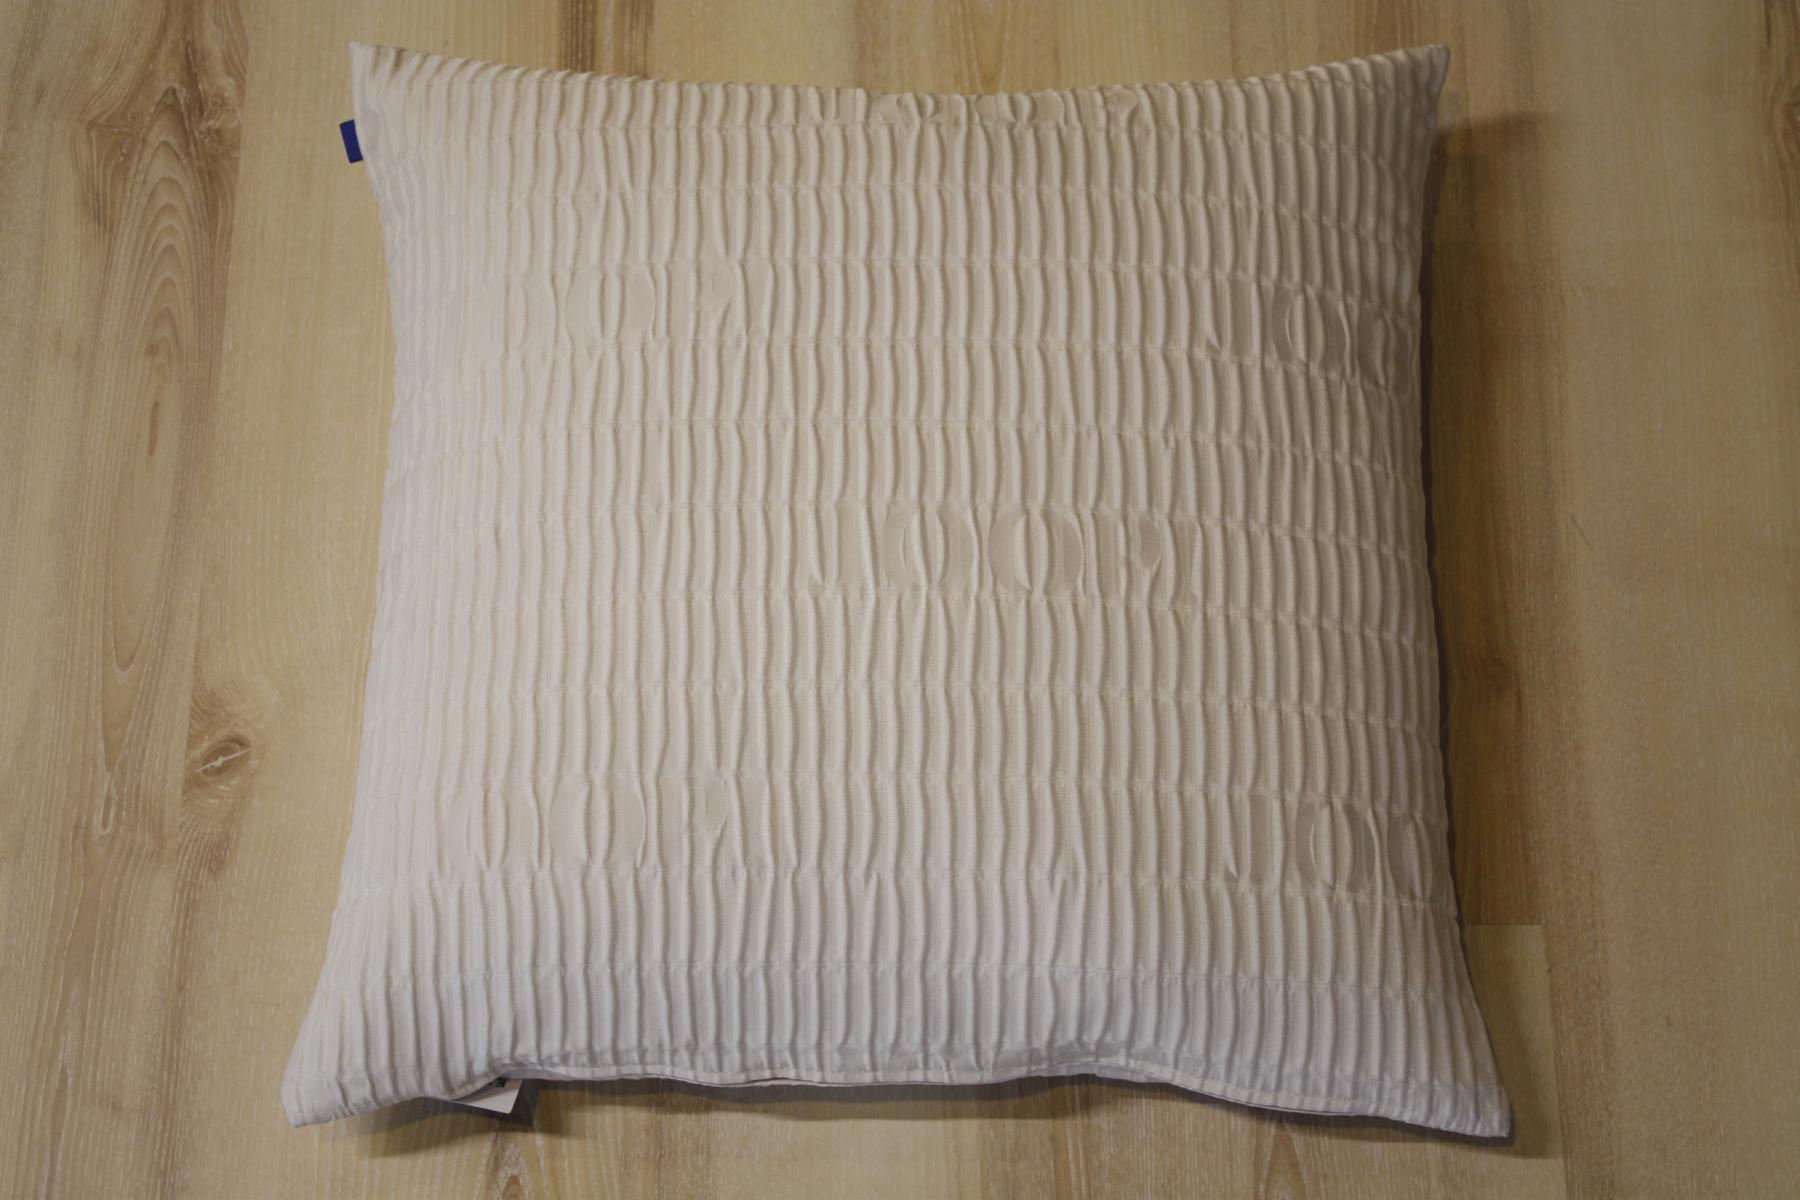 joop kissen wrinkle 030 natur 50x50 cm inkl federf llung 4005414066570 ebay. Black Bedroom Furniture Sets. Home Design Ideas